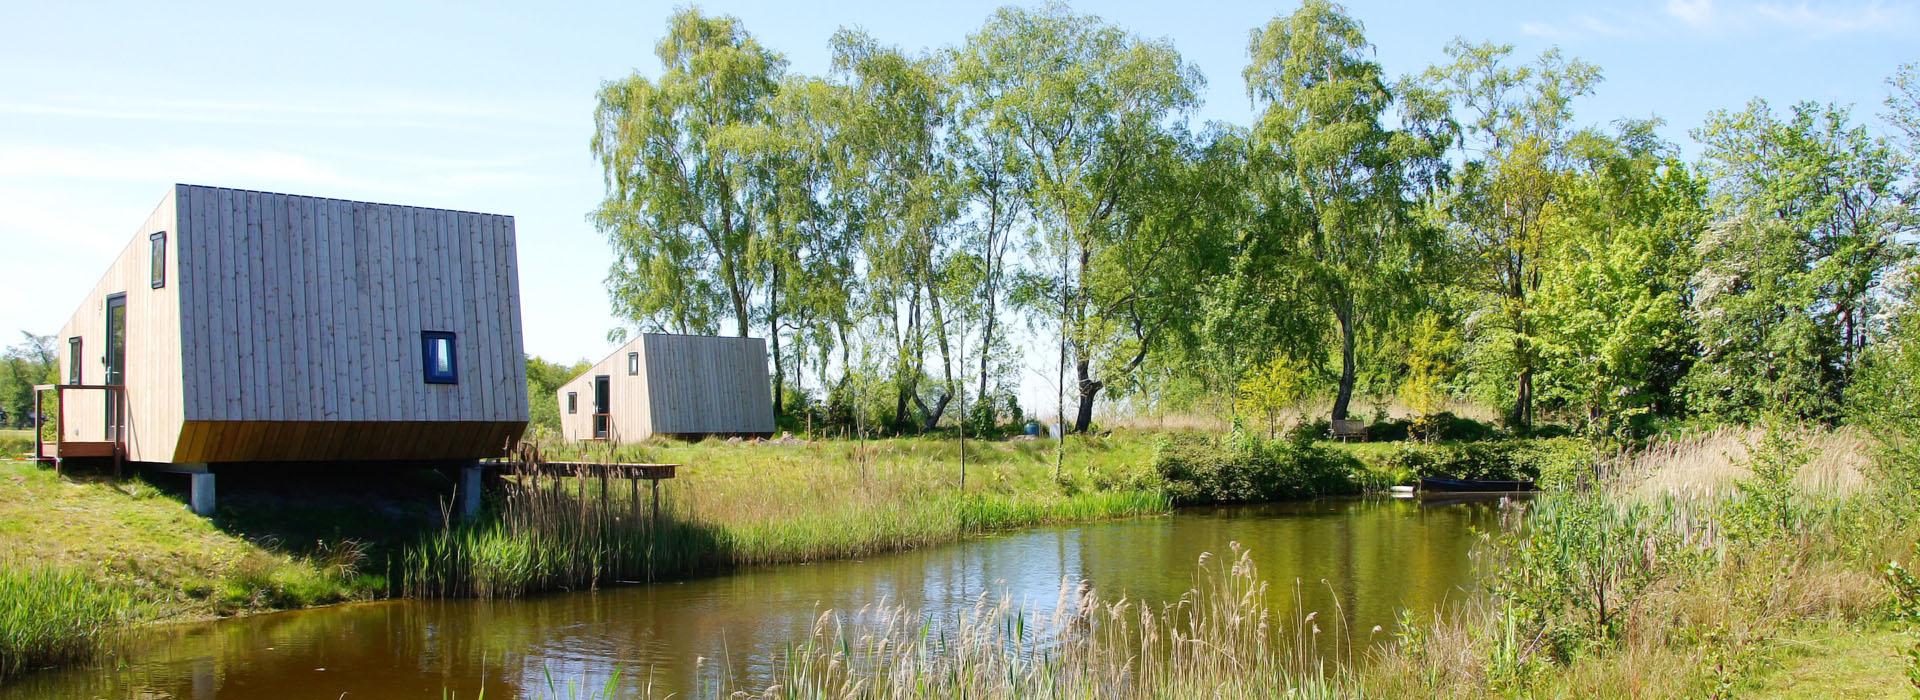 vakantie - friesland - vakantiepark - Ljeppershiem - tiny house